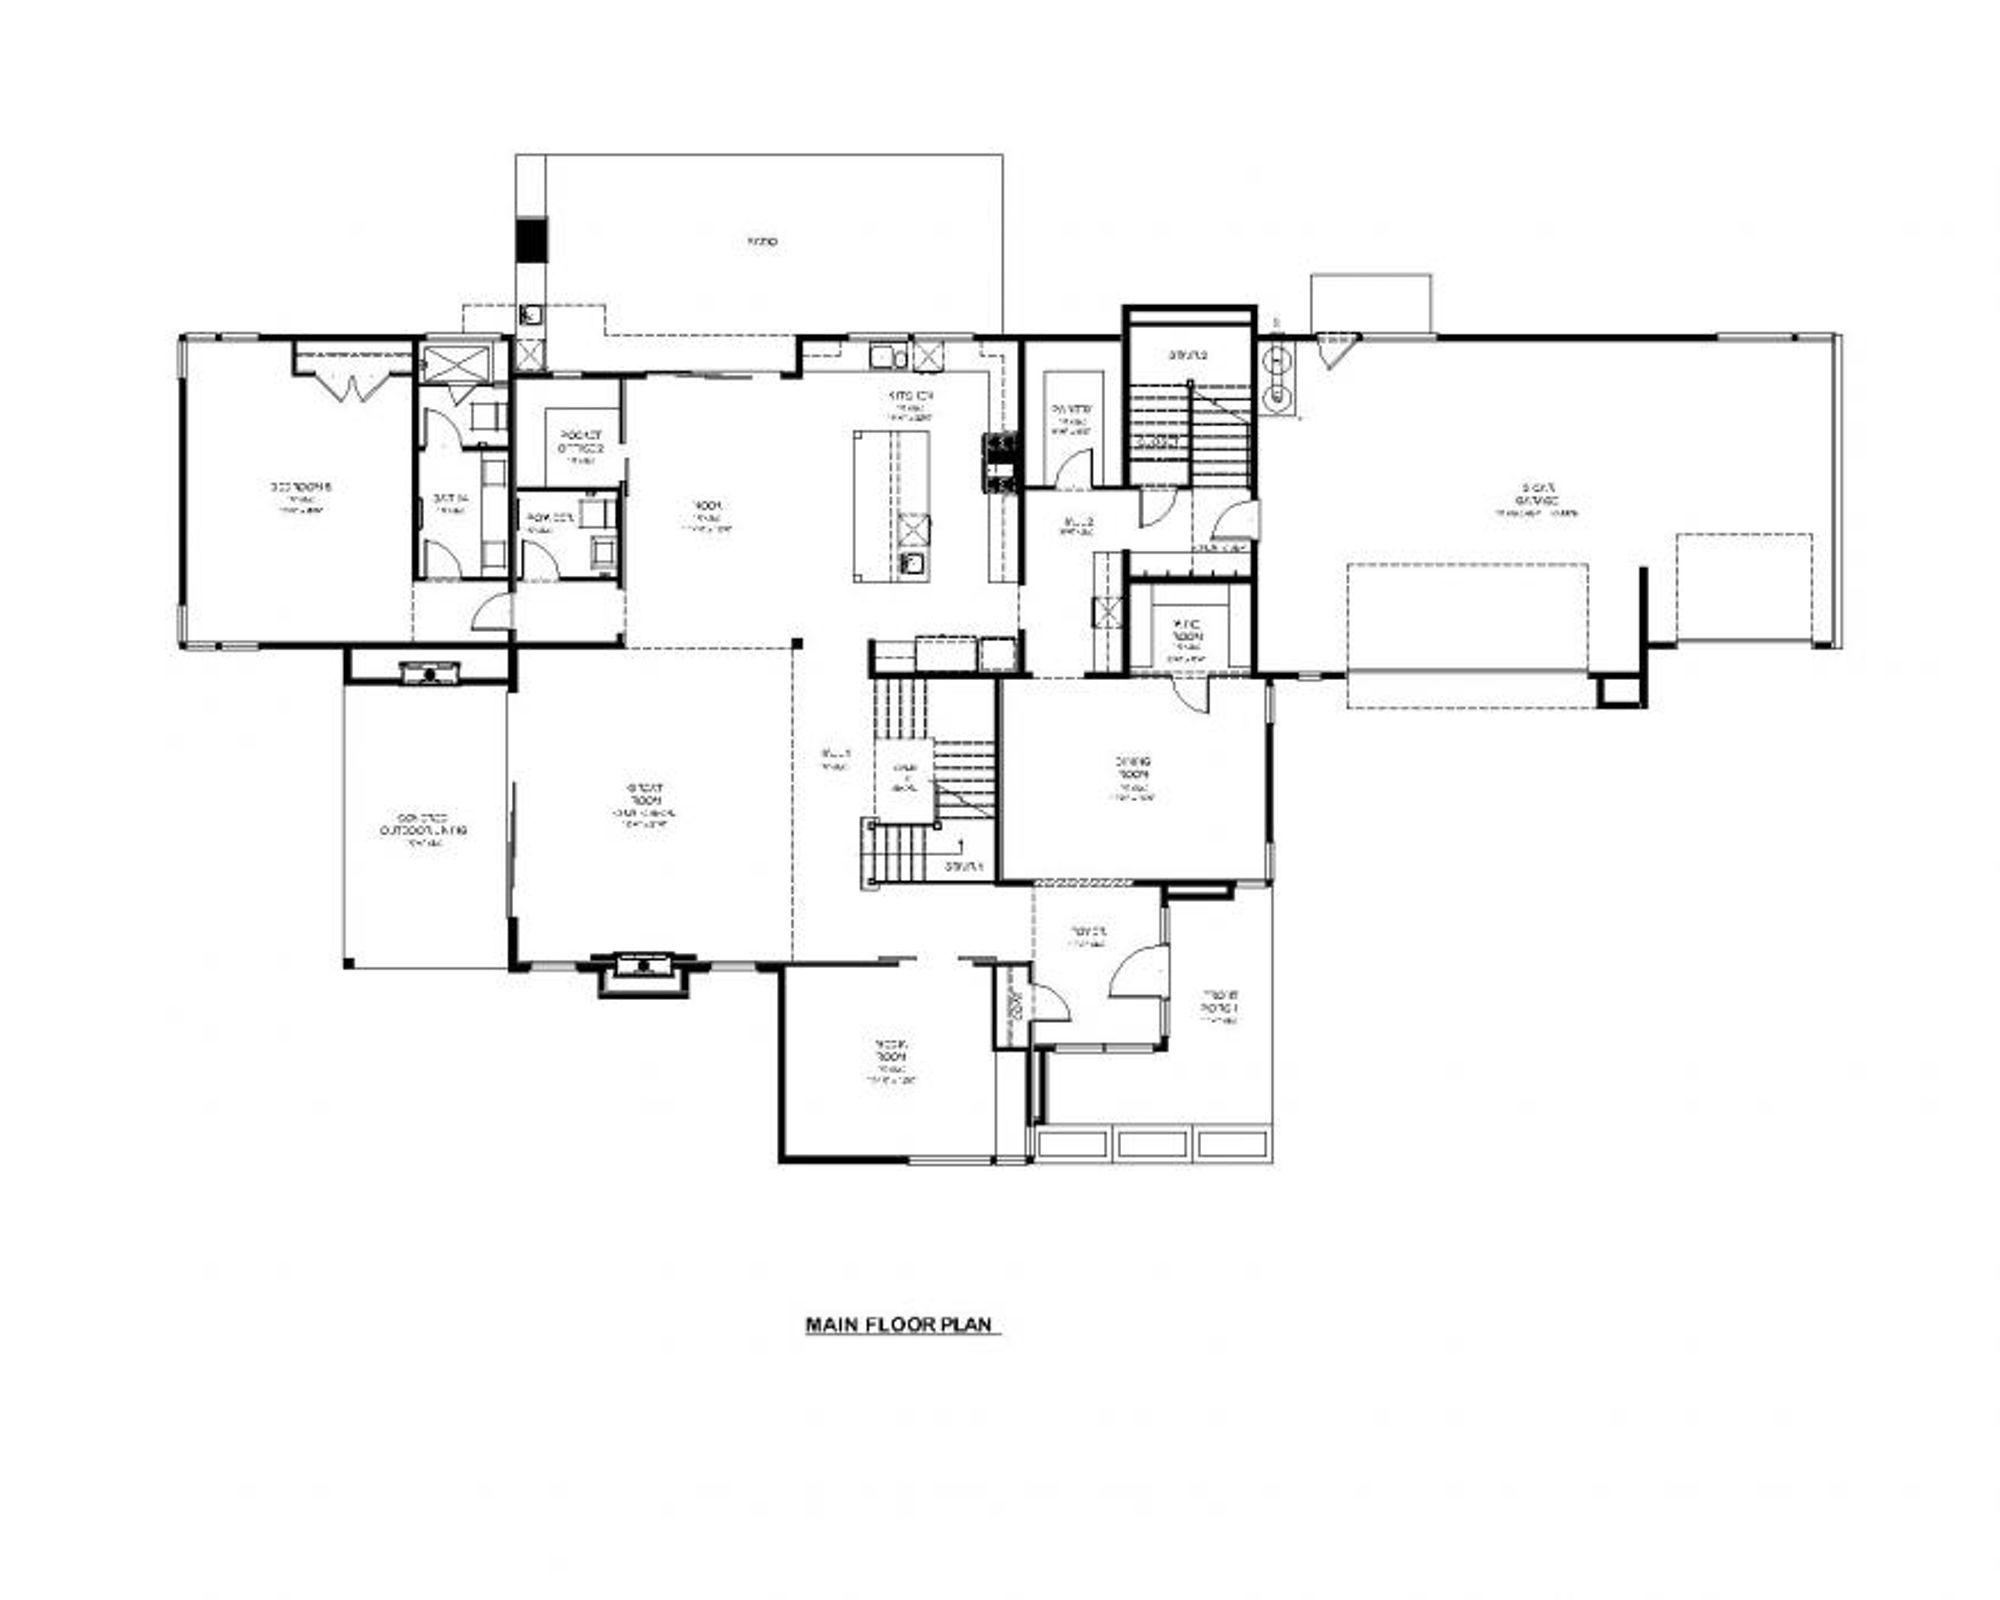 Delhi Main Floor Plan